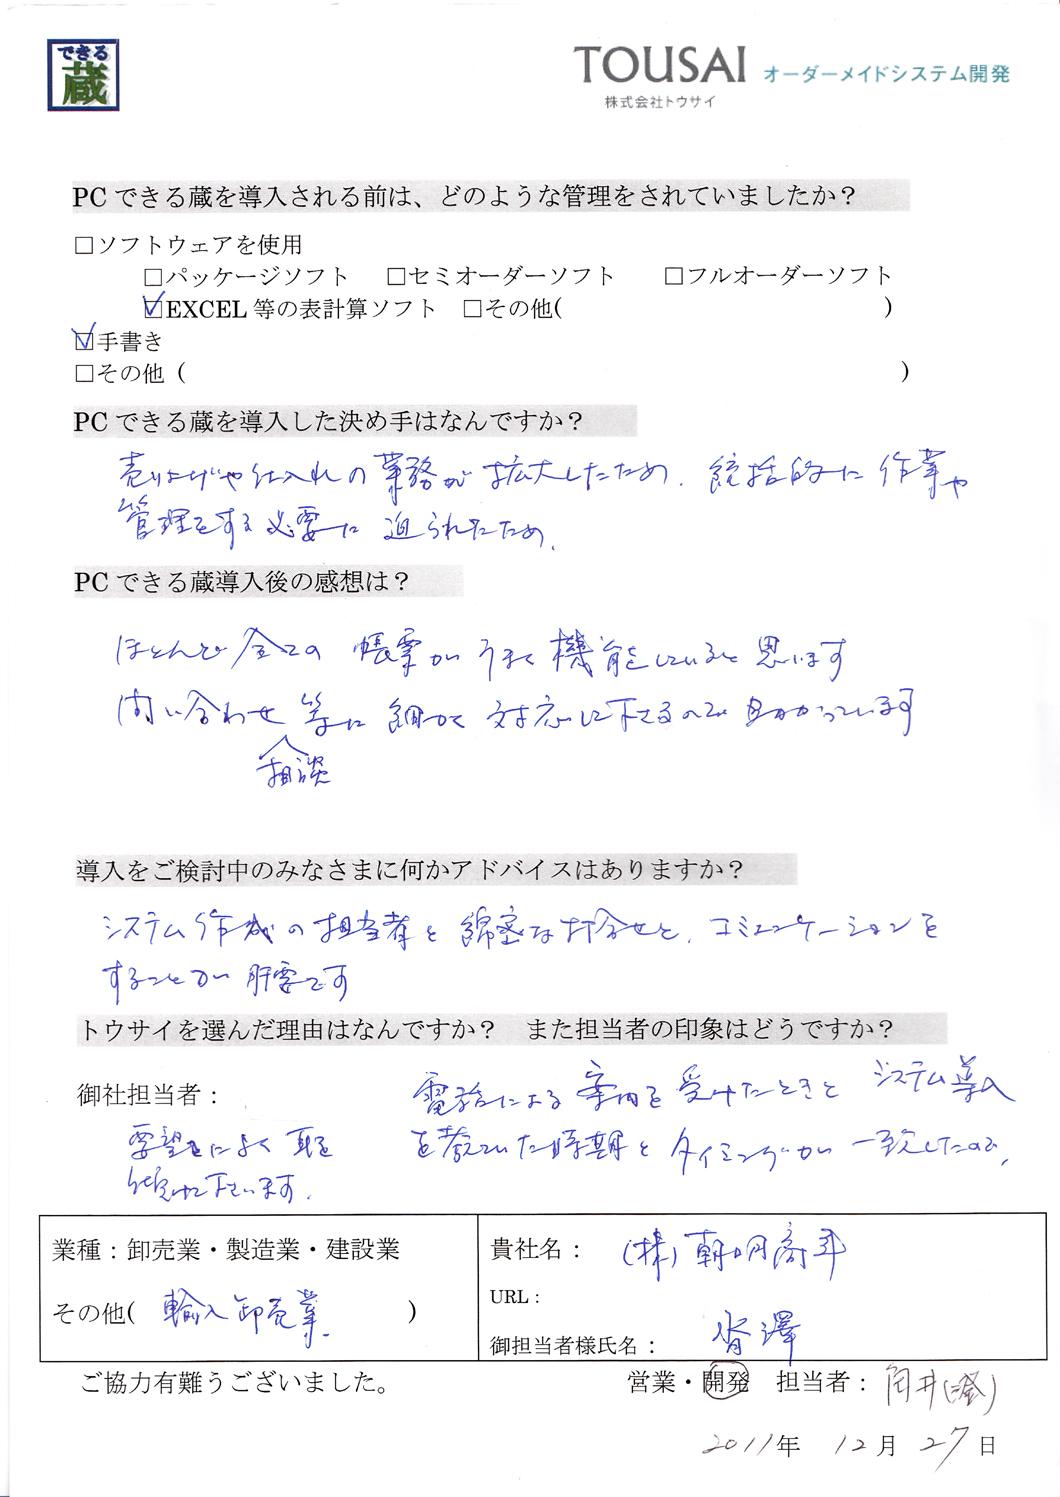 株式会社 朝明商事 様